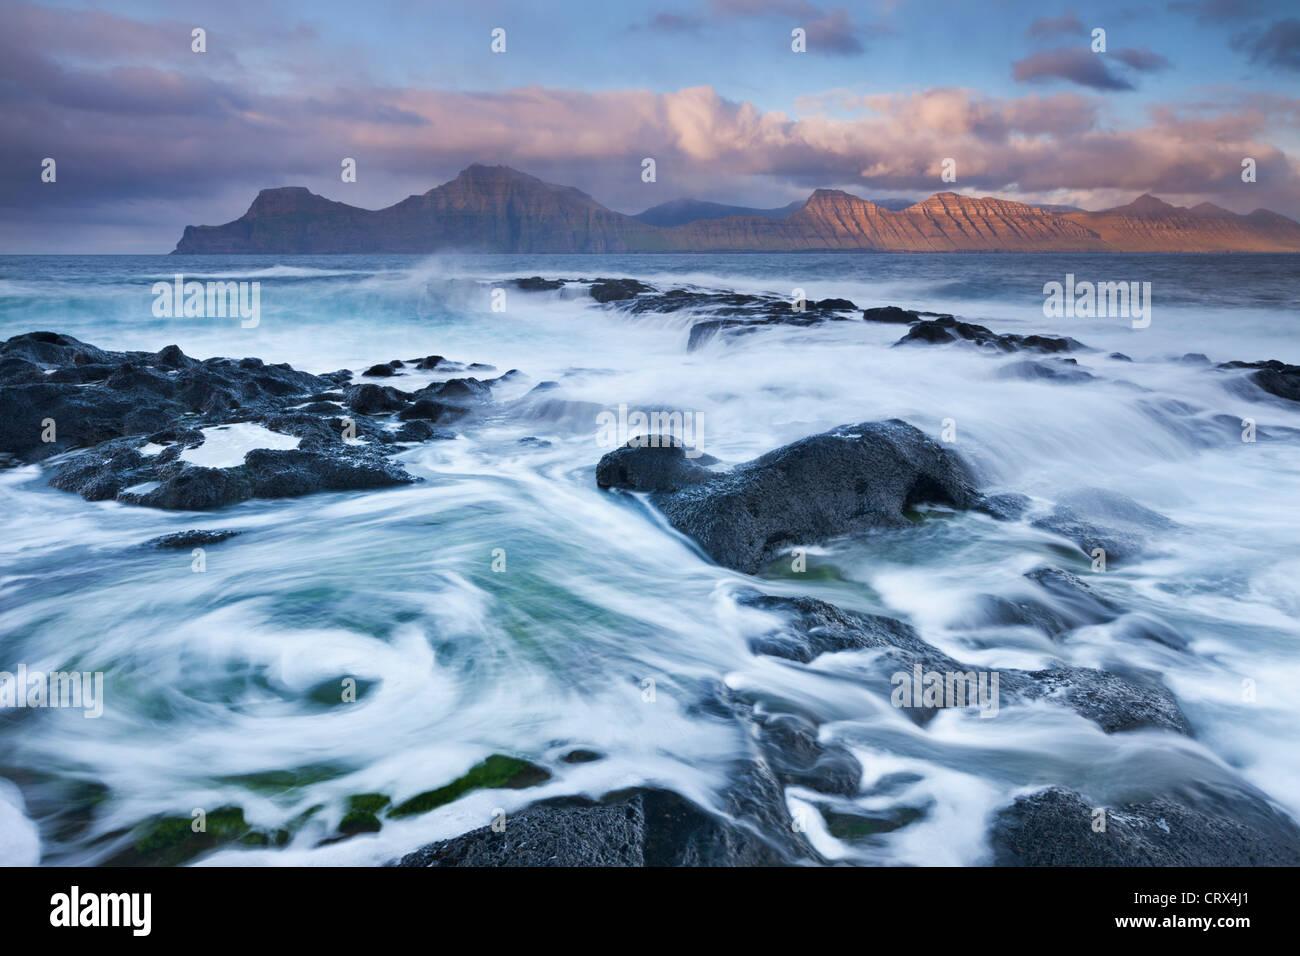 Wogende Wellen brechen über den felsigen Ufern an Gjogv auf der Insel Eysturoy, Färöer. (Juni) Frühjahr Stockbild